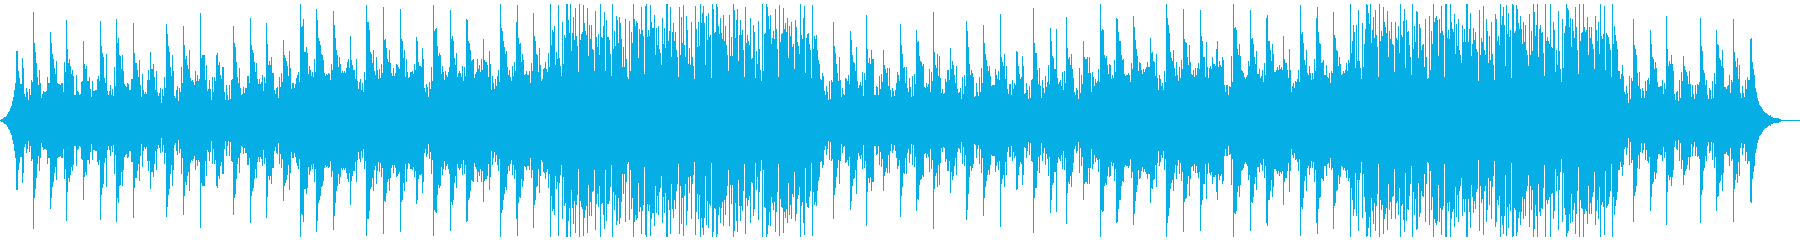 コーポレートに 爽やかでわくわくする楽曲の再生済みの波形